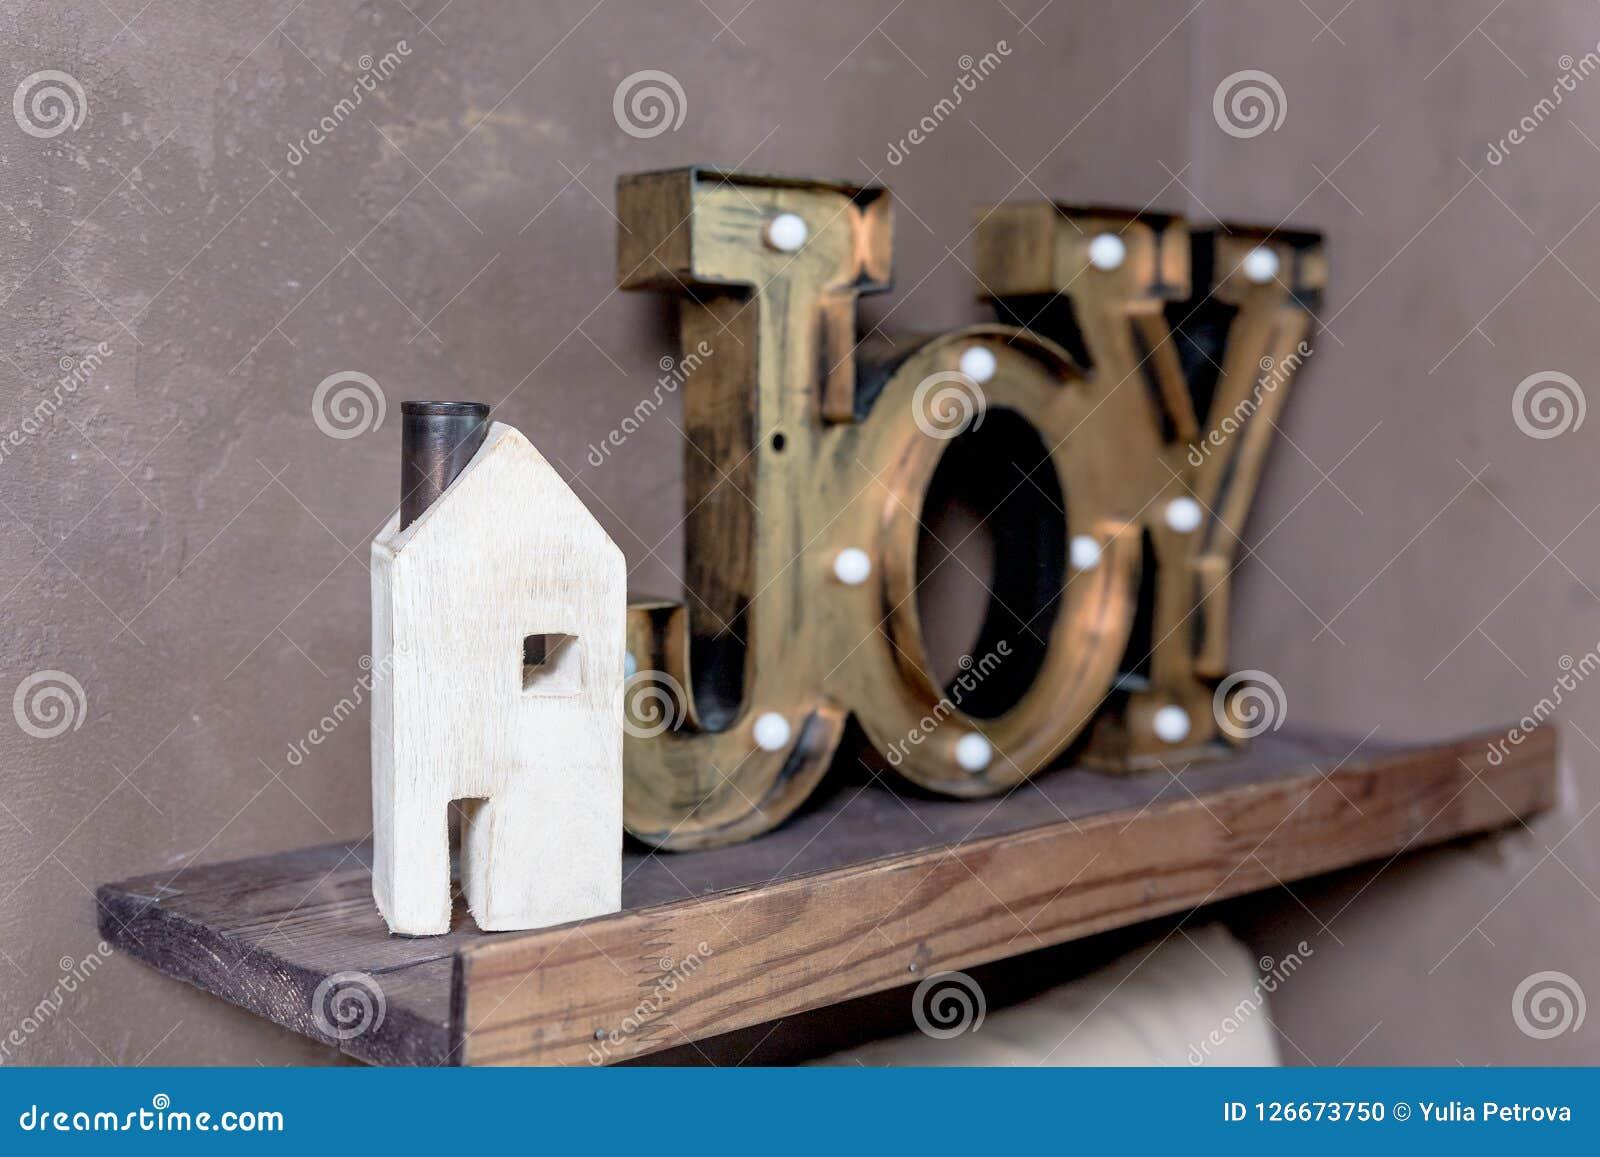 Концепция малого деревянного дома новая домашняя Формулировки текстового сообщения слова УТЕХИ в моем новом доме Позвольте мечтам